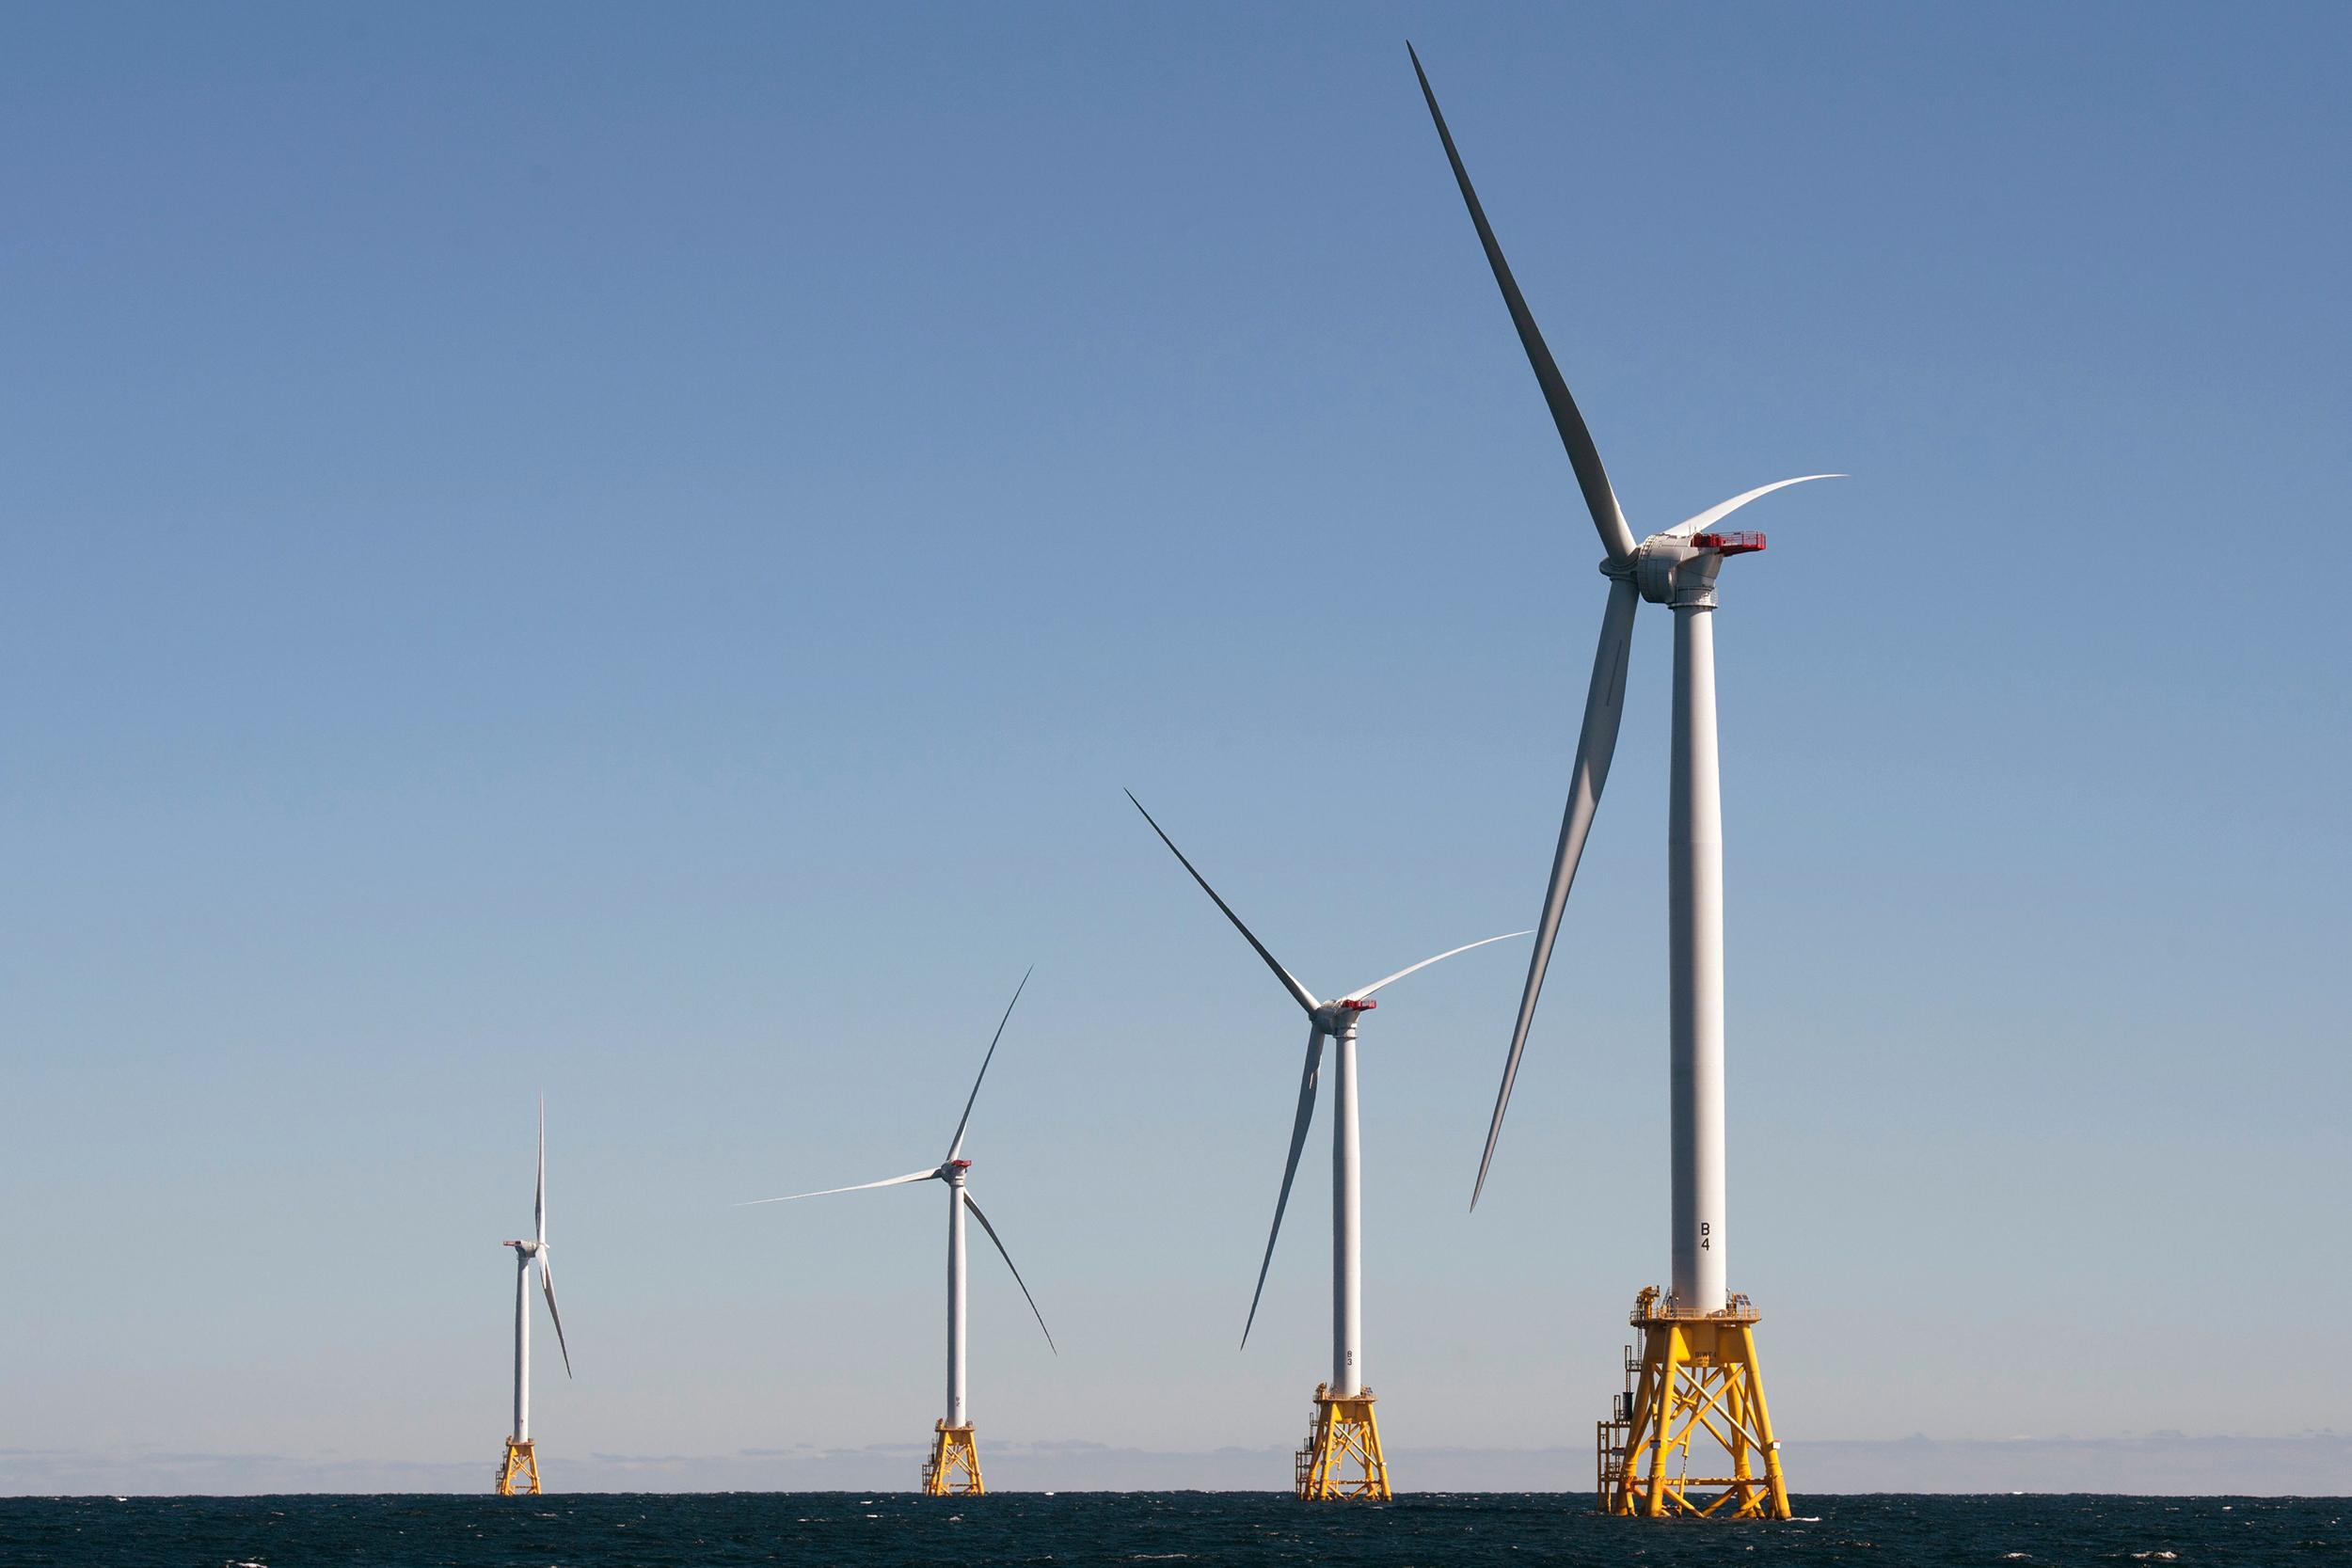 New-wind-farms-would-dot-U.S.-coastlines-under-Biden-plan